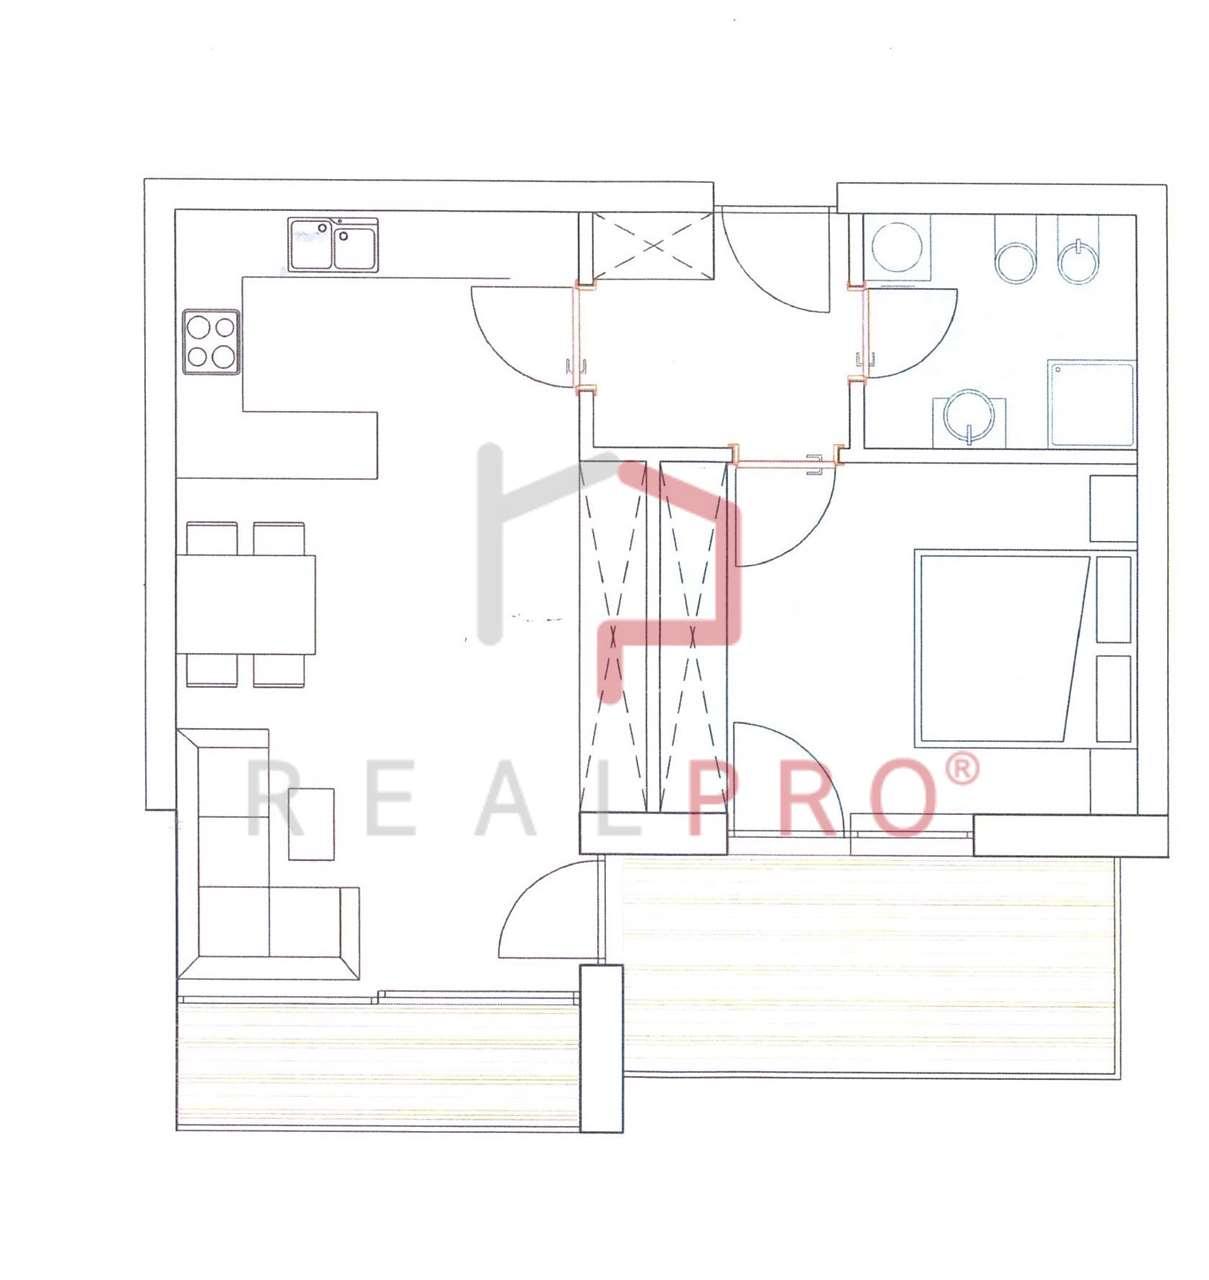 Appartamento in vendita a Villabassa, 2 locali, zona Località: Villabassa, prezzo € 282.000 | CambioCasa.it